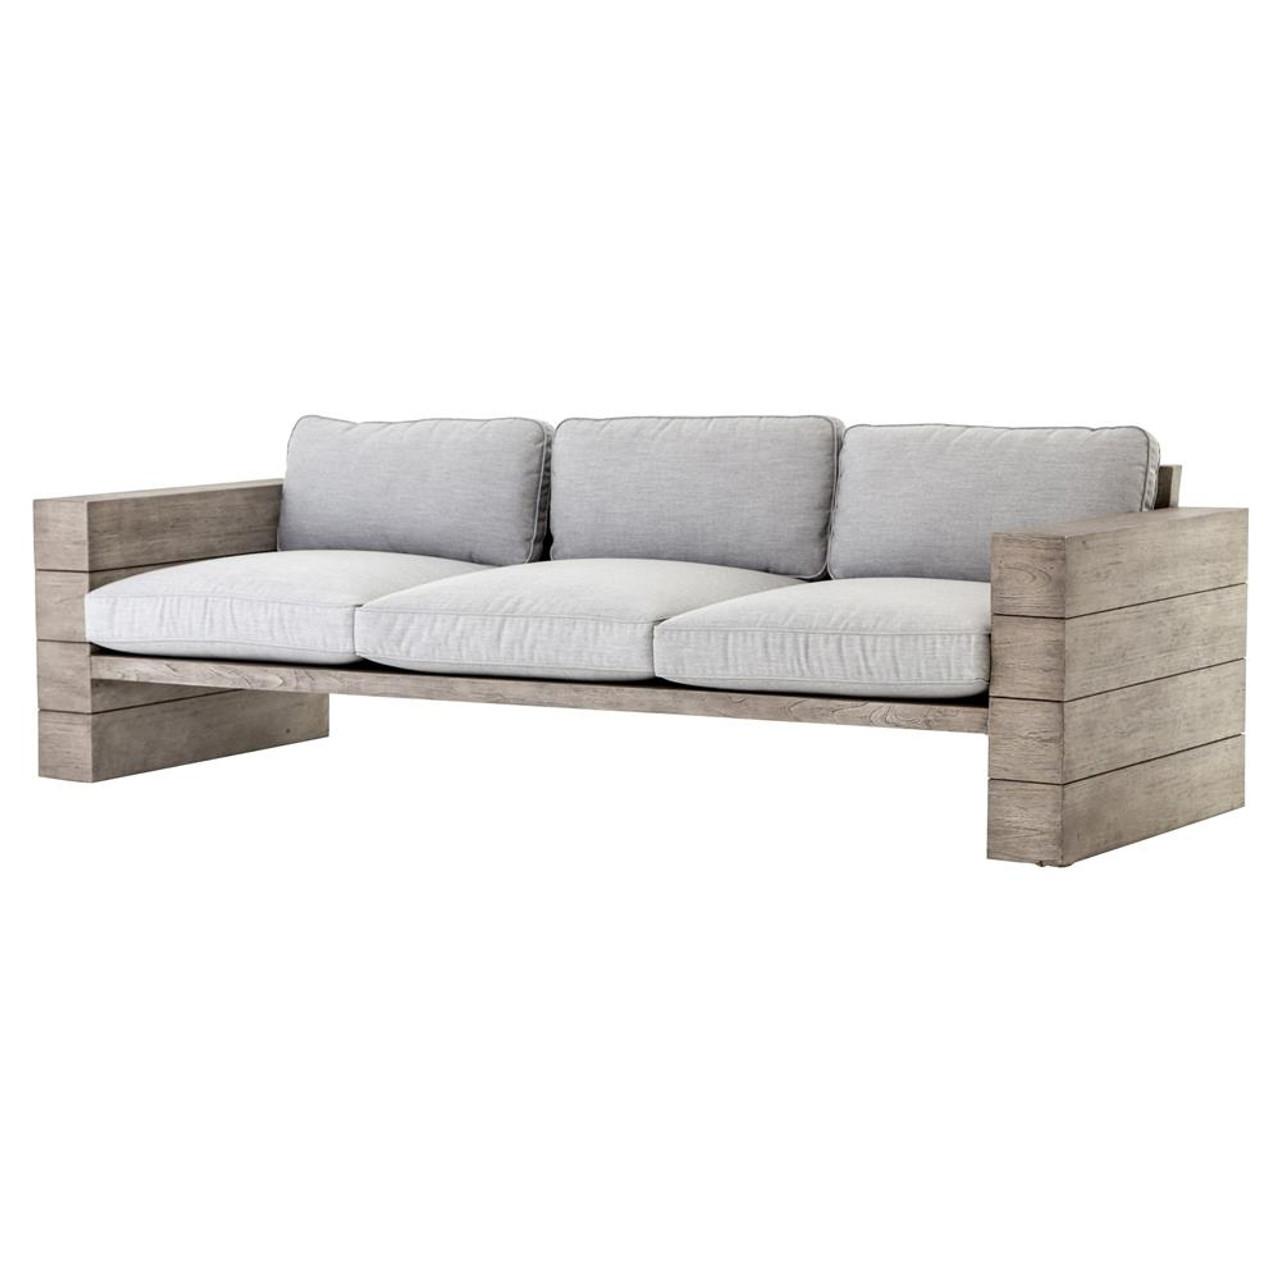 Leroy Cushioned Grey Teak Wood Outdoor Sofa